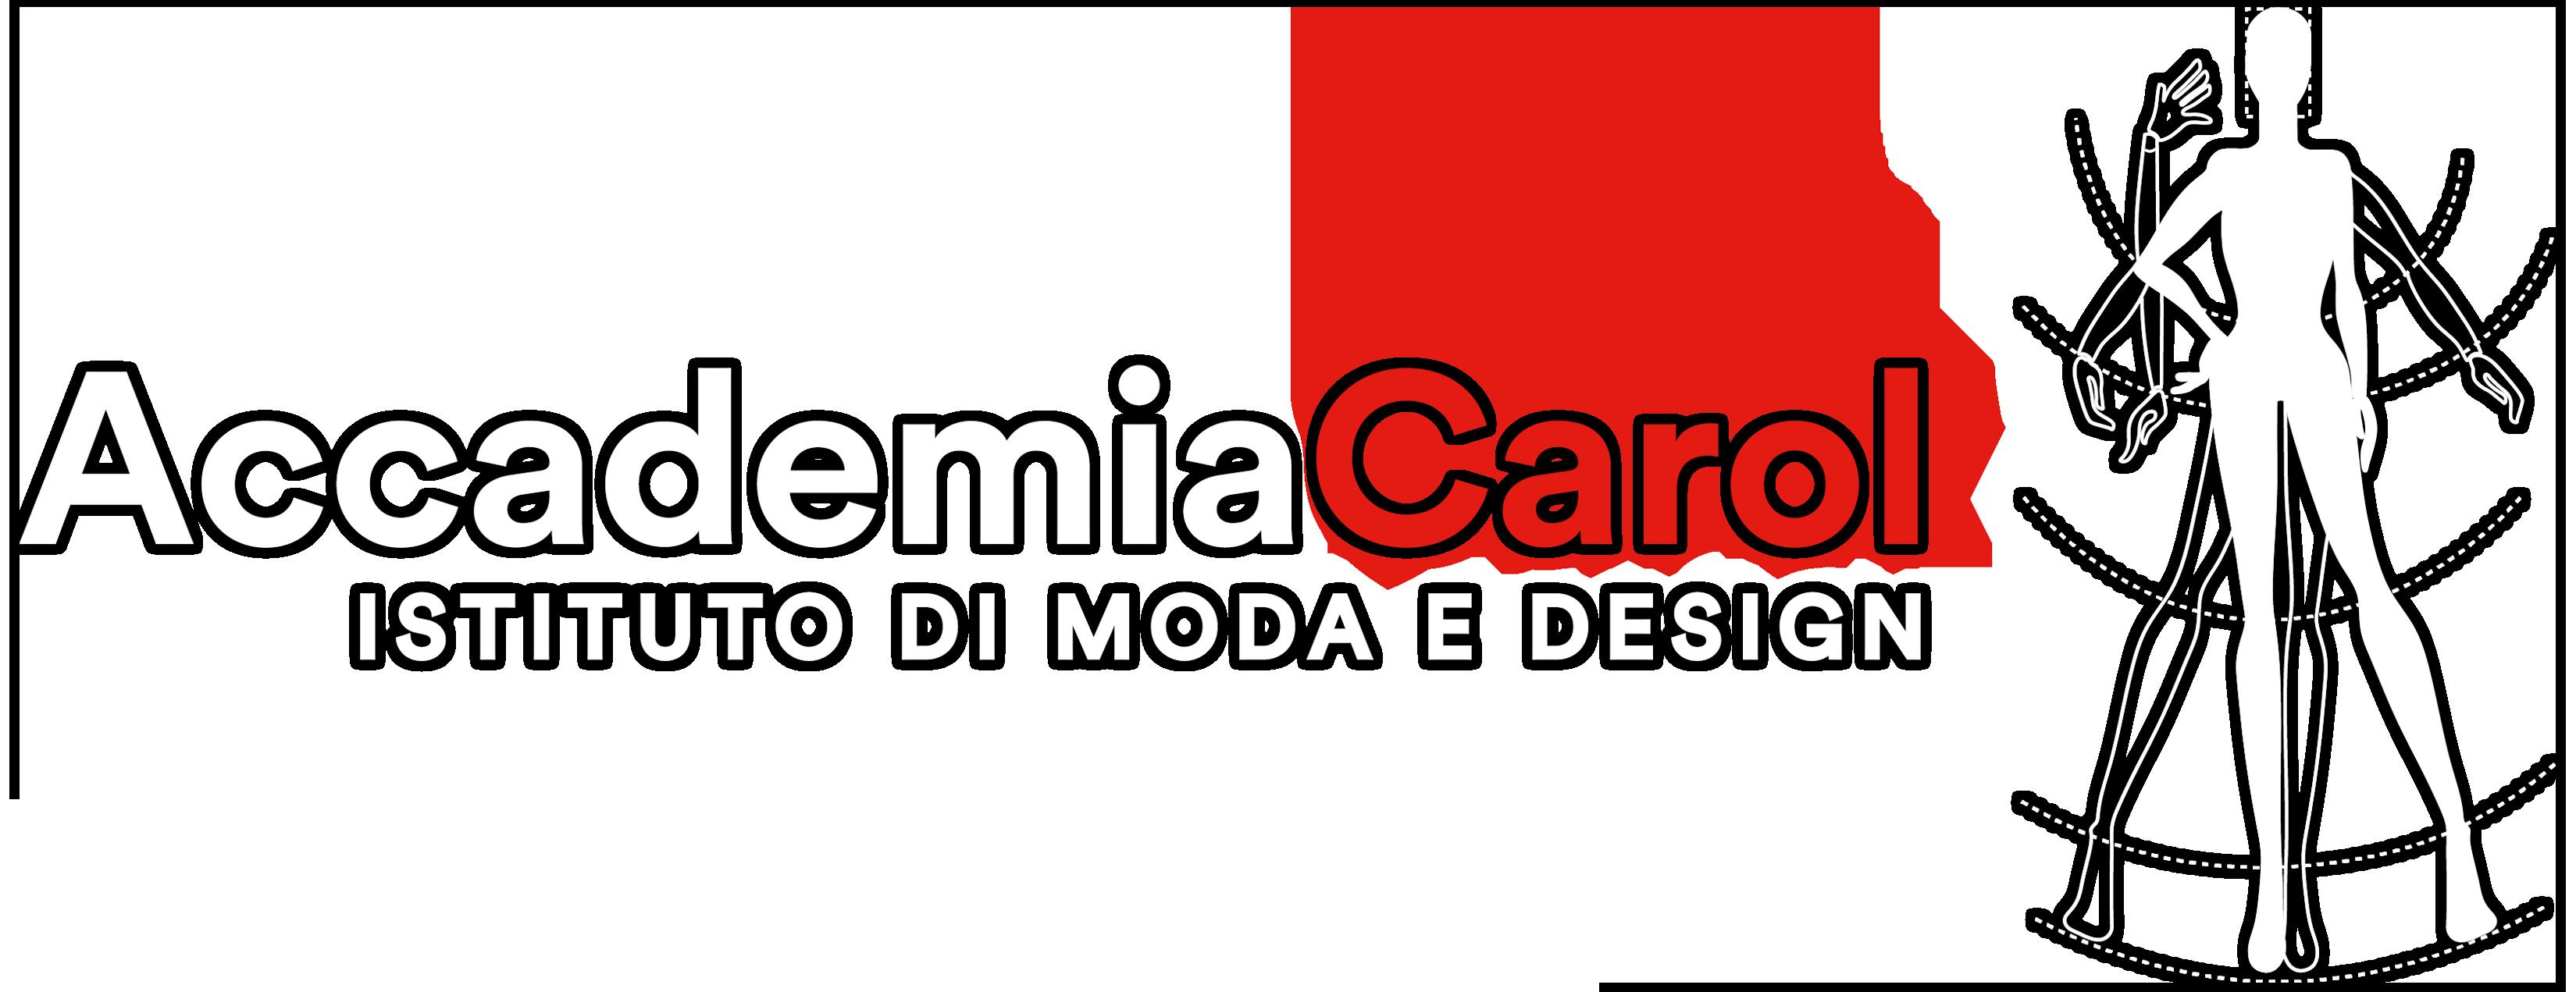 Nuova Accademia Del Design accademia carol - ististuto di moda e design nocera inferiore